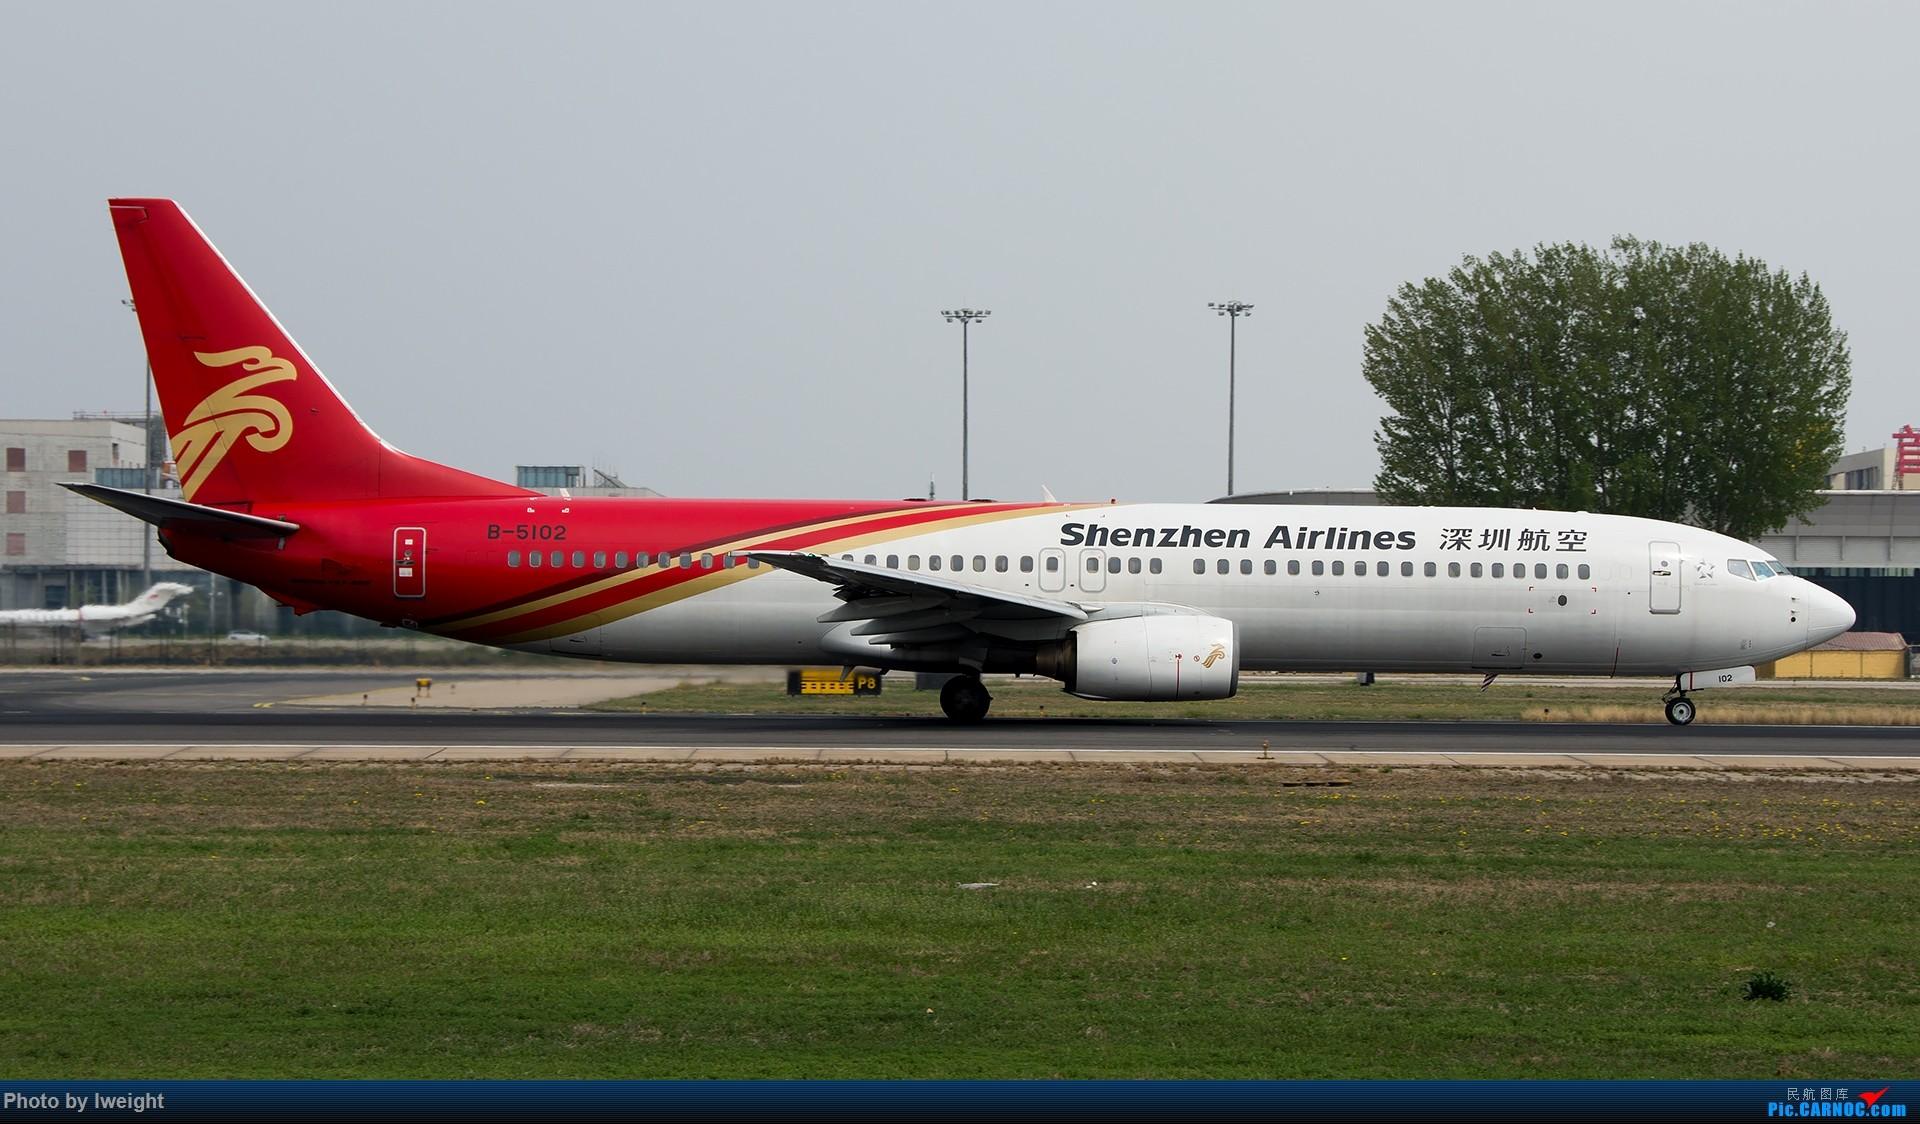 Re:[原创]霾,18R,高密度 BOEING 737-900 B-5102 中国北京首都国际机场